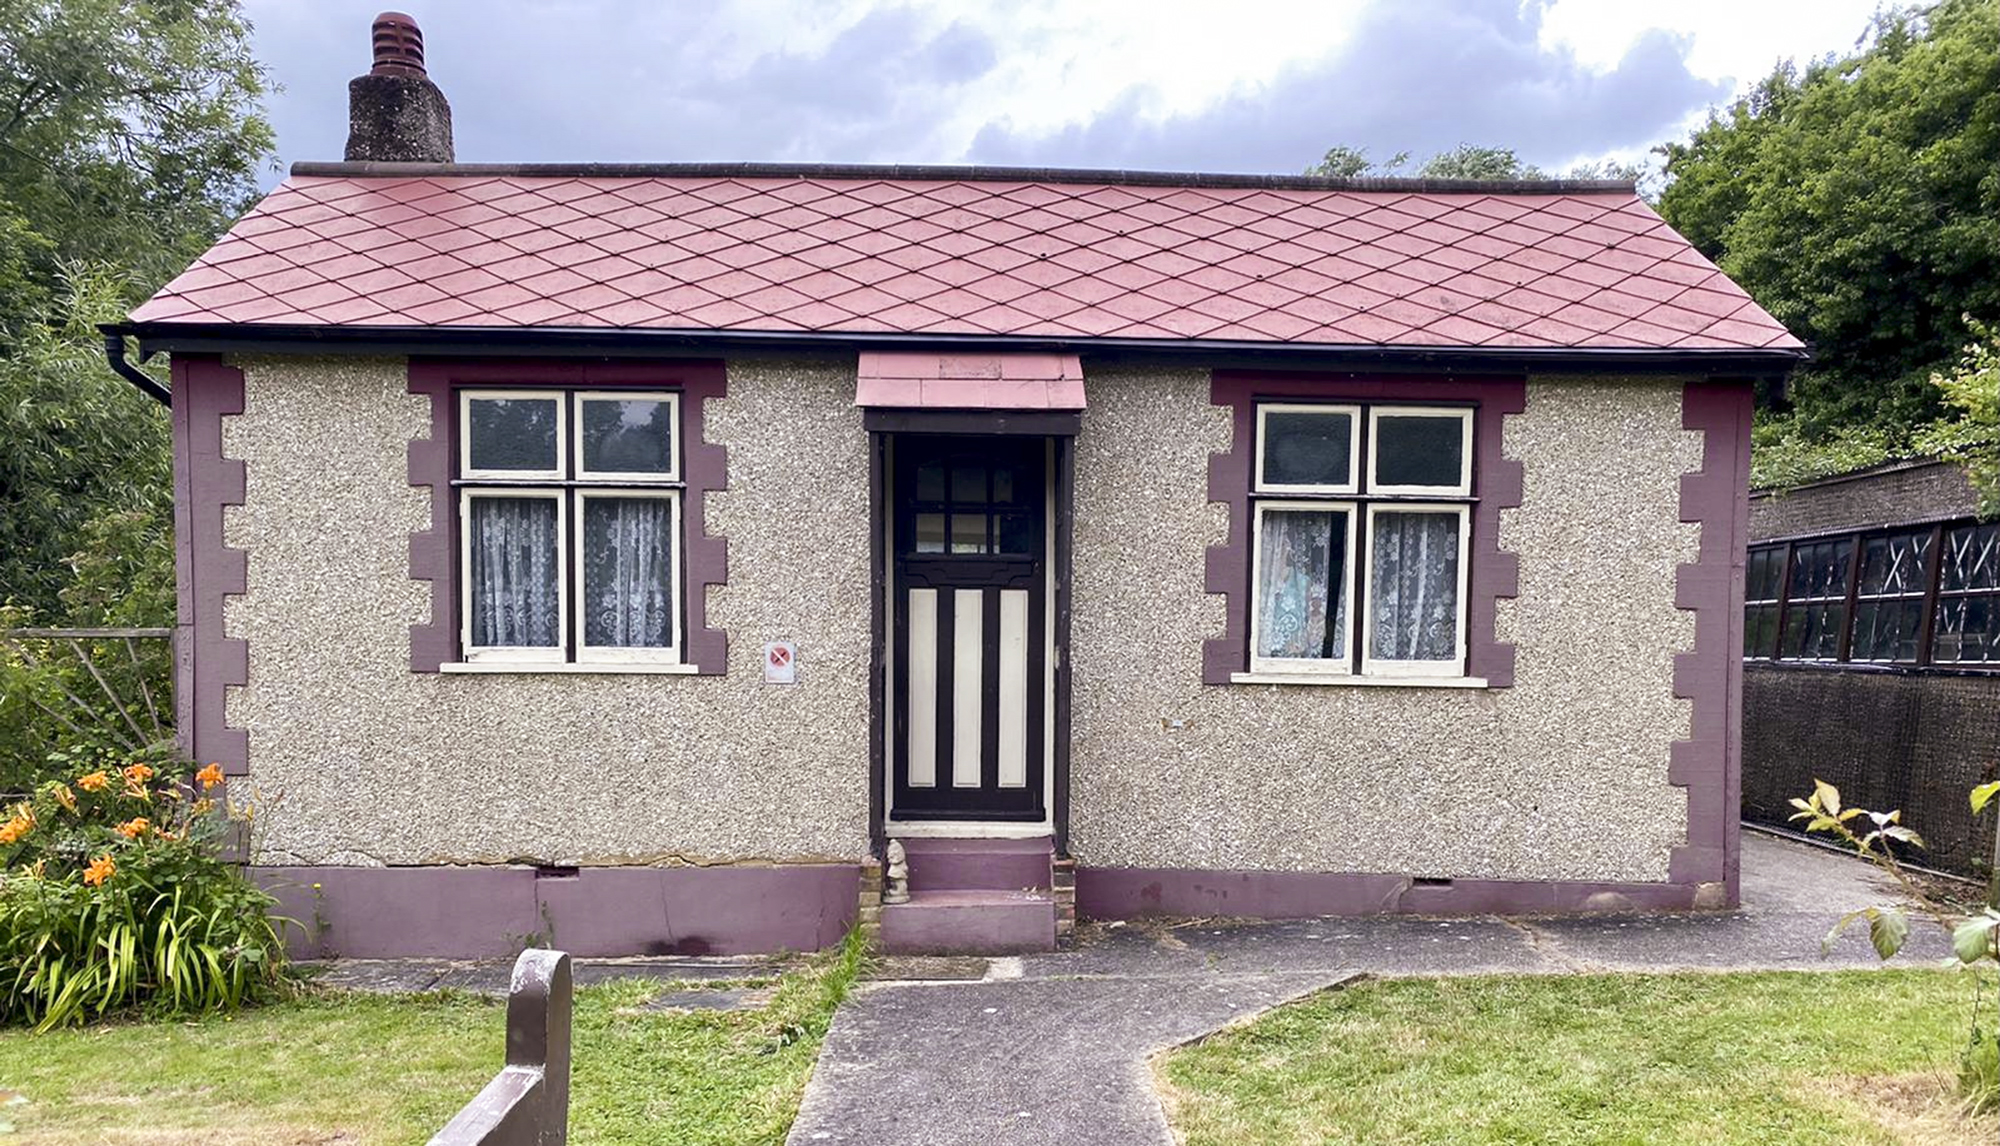 Plotlander museum house at Langdon Hills credit Kevin Rushby